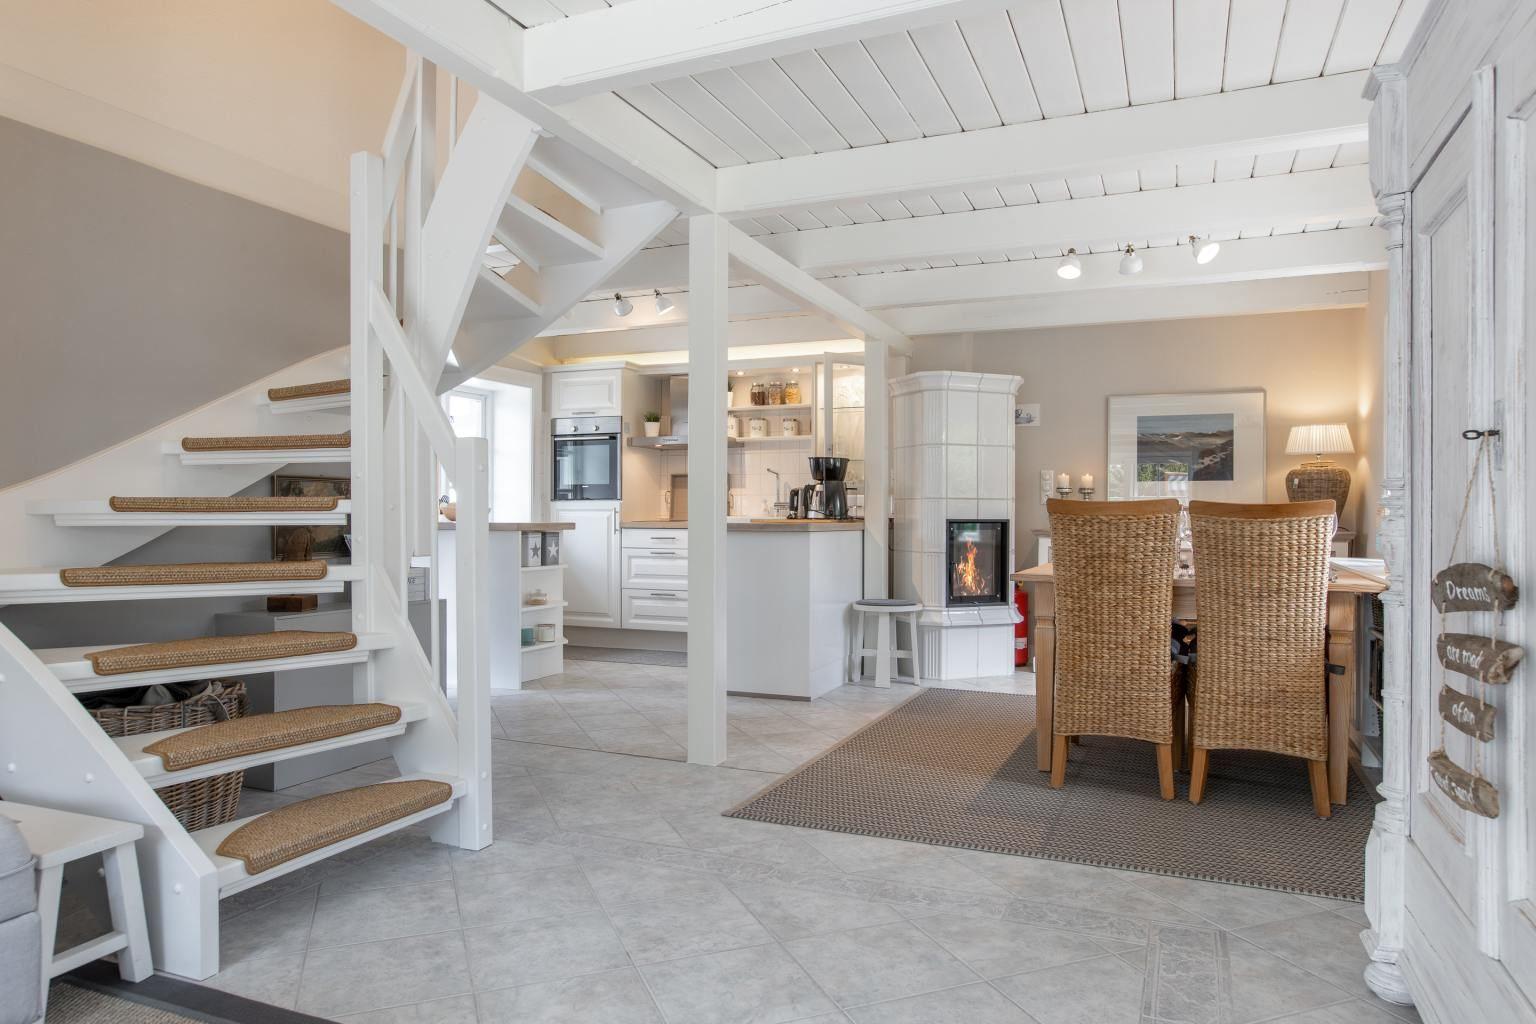 Wohnzimmer mit Essbereich und Küche